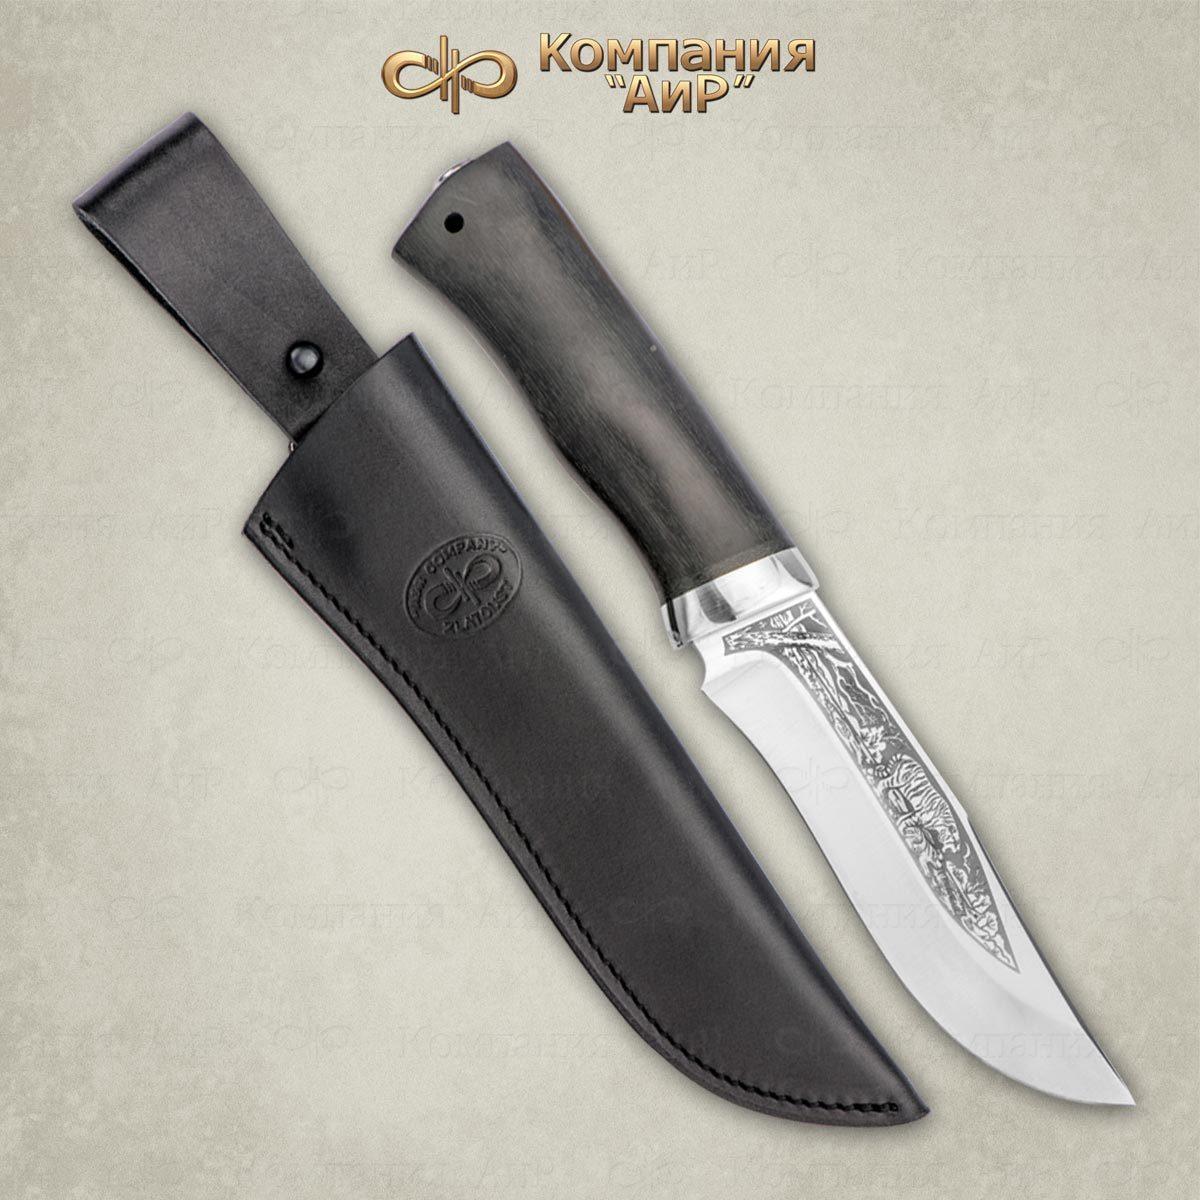 Нож разделочный АиР Клычок-3, сталь 110х18 М-ШД, рукоять граб